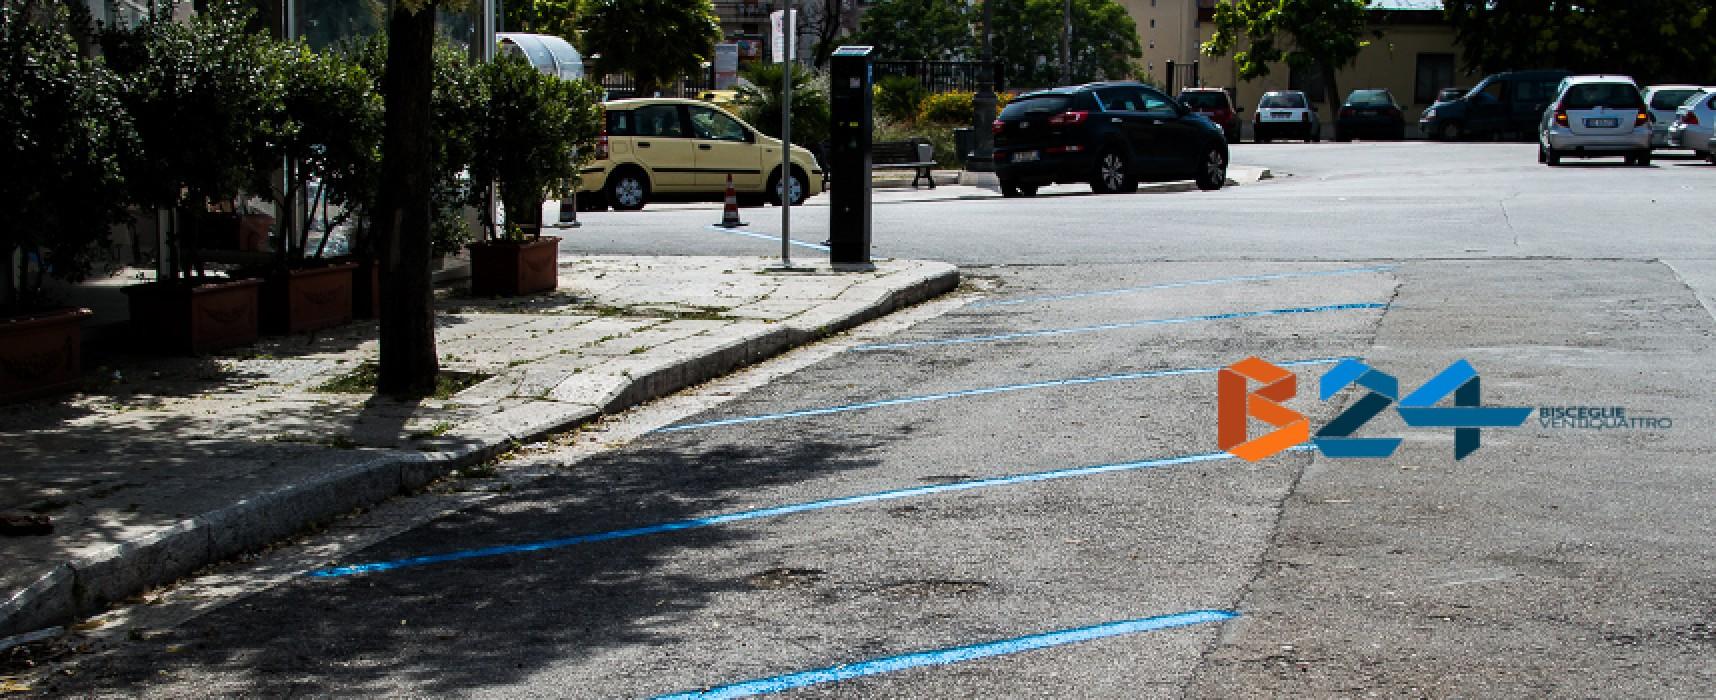 Strisce blu: i parcheggi a pagamento diventeranno 2310, in aumento del 42%